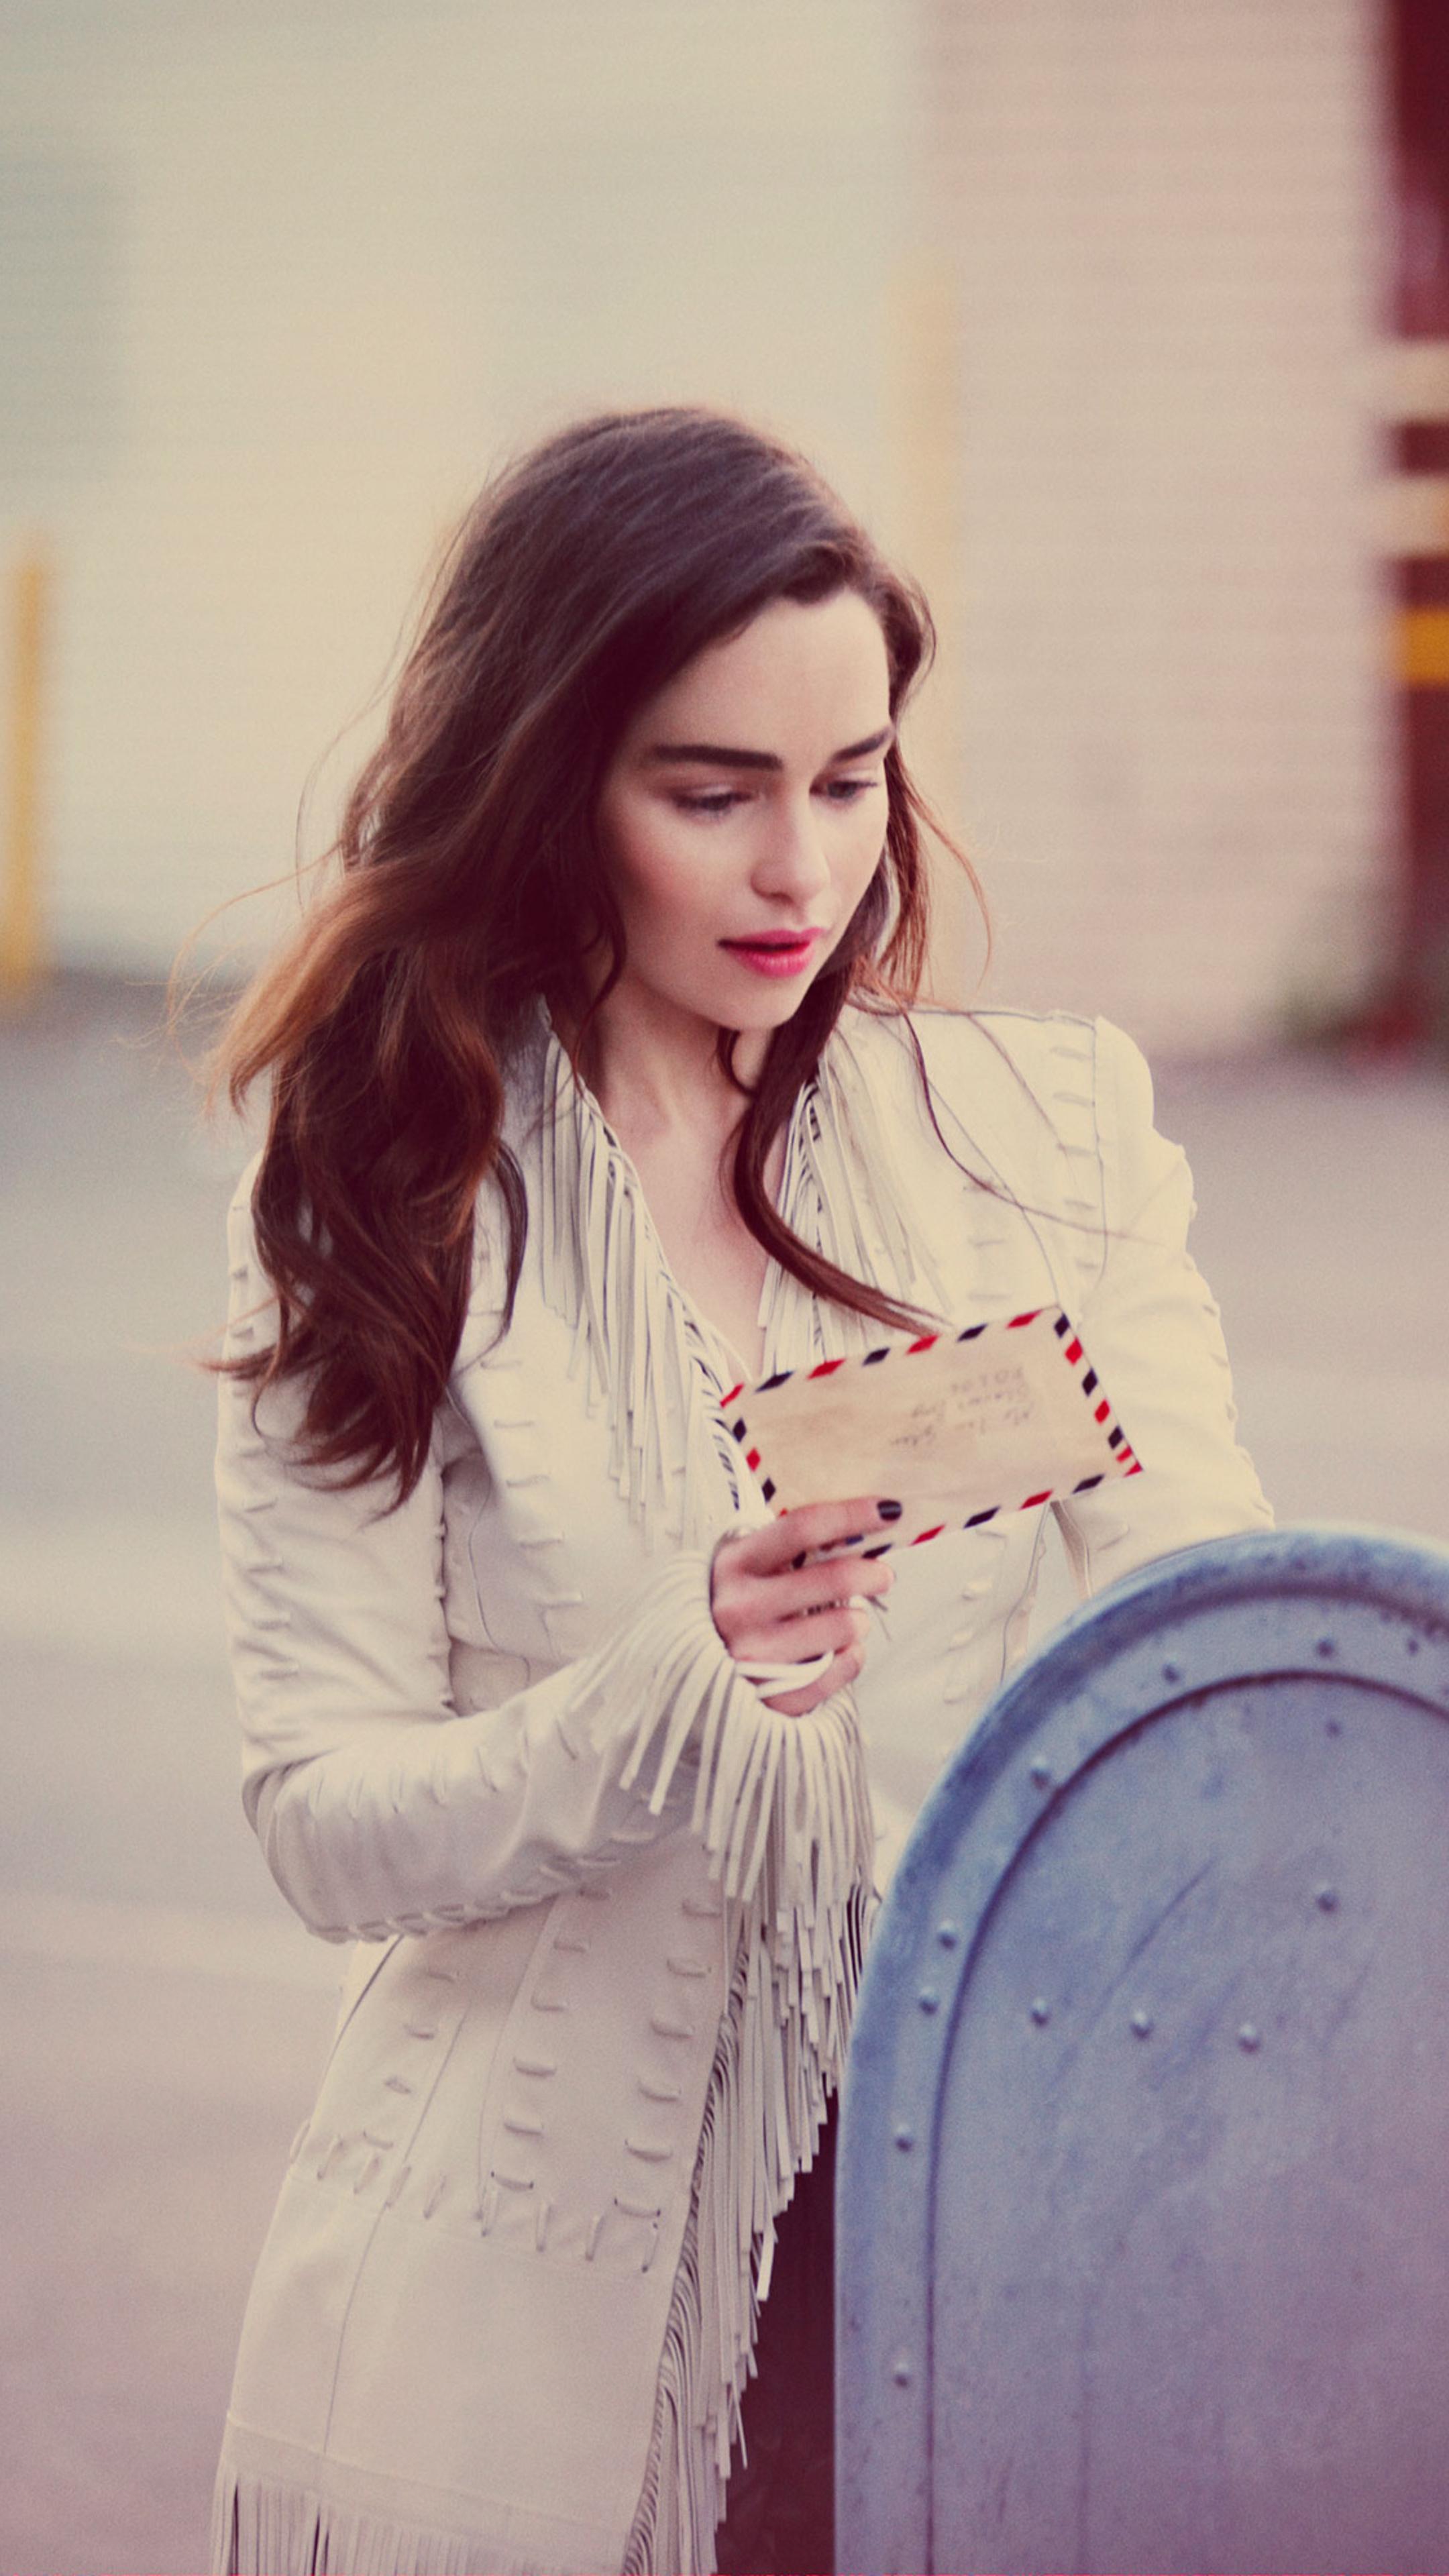 2160x3840 Emilia Clarke 2020 Photoshoot Sony Xperia X,XZ